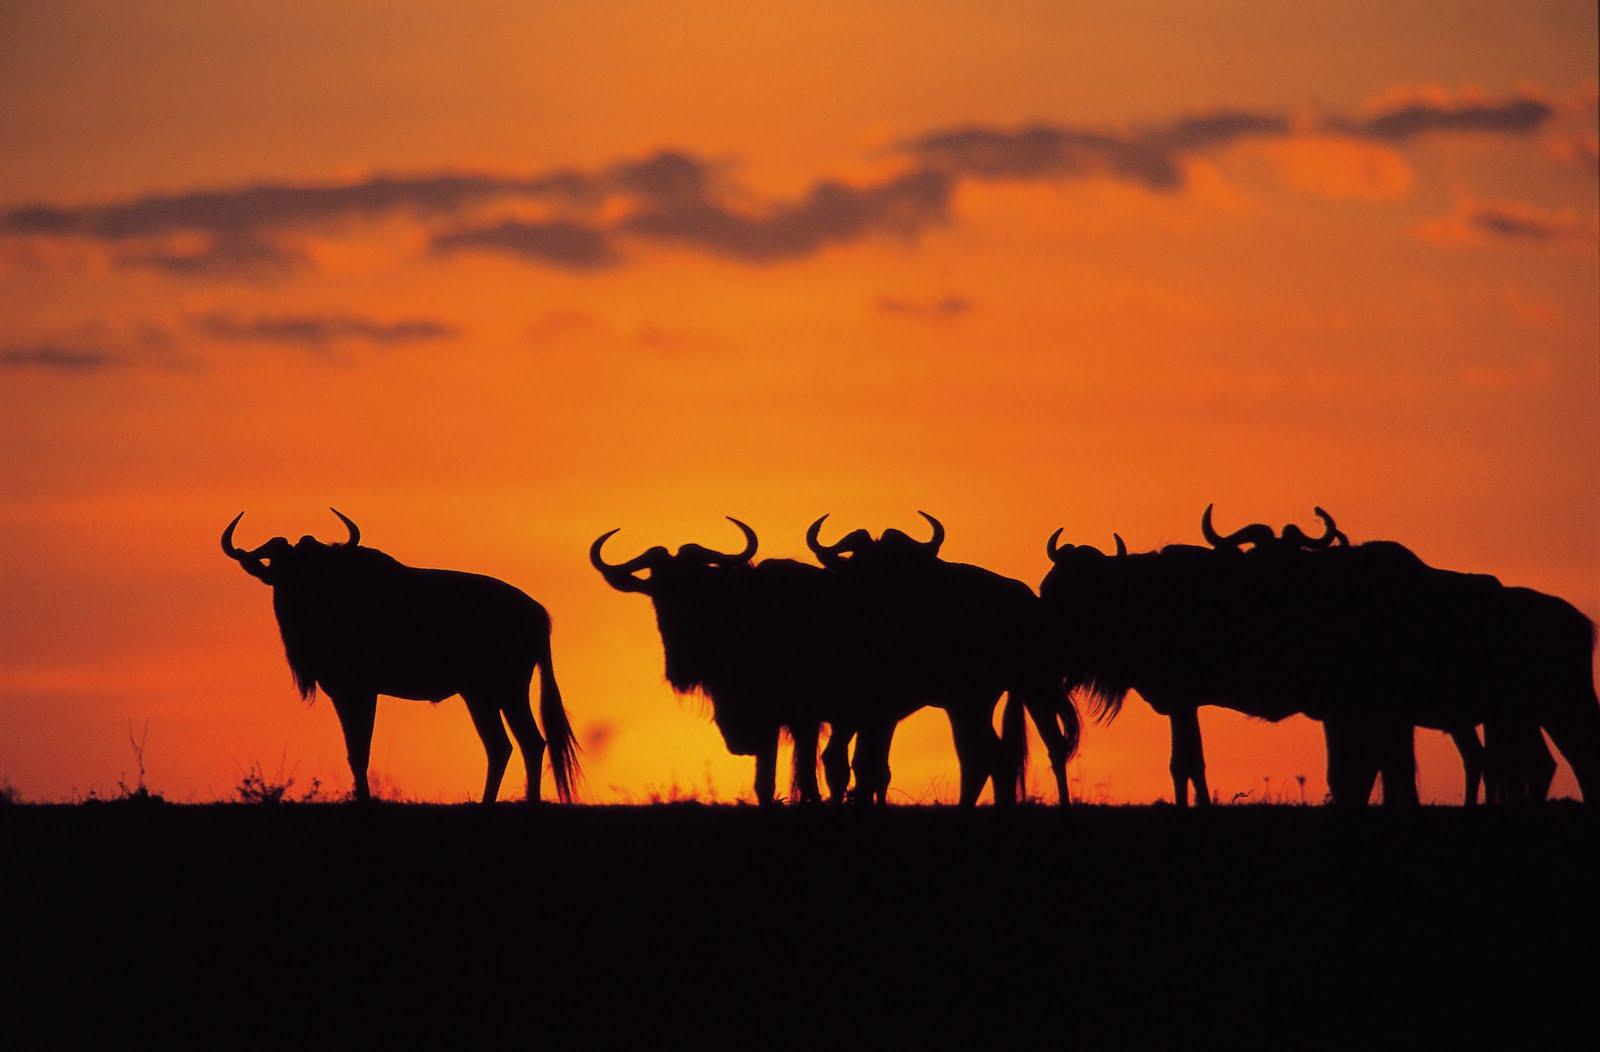 .. un viaje a la sabana africana ... %25C3%2591us%2Bal%2Batardecer%2Ben%2Bla%2Bsabana%2Bafricana